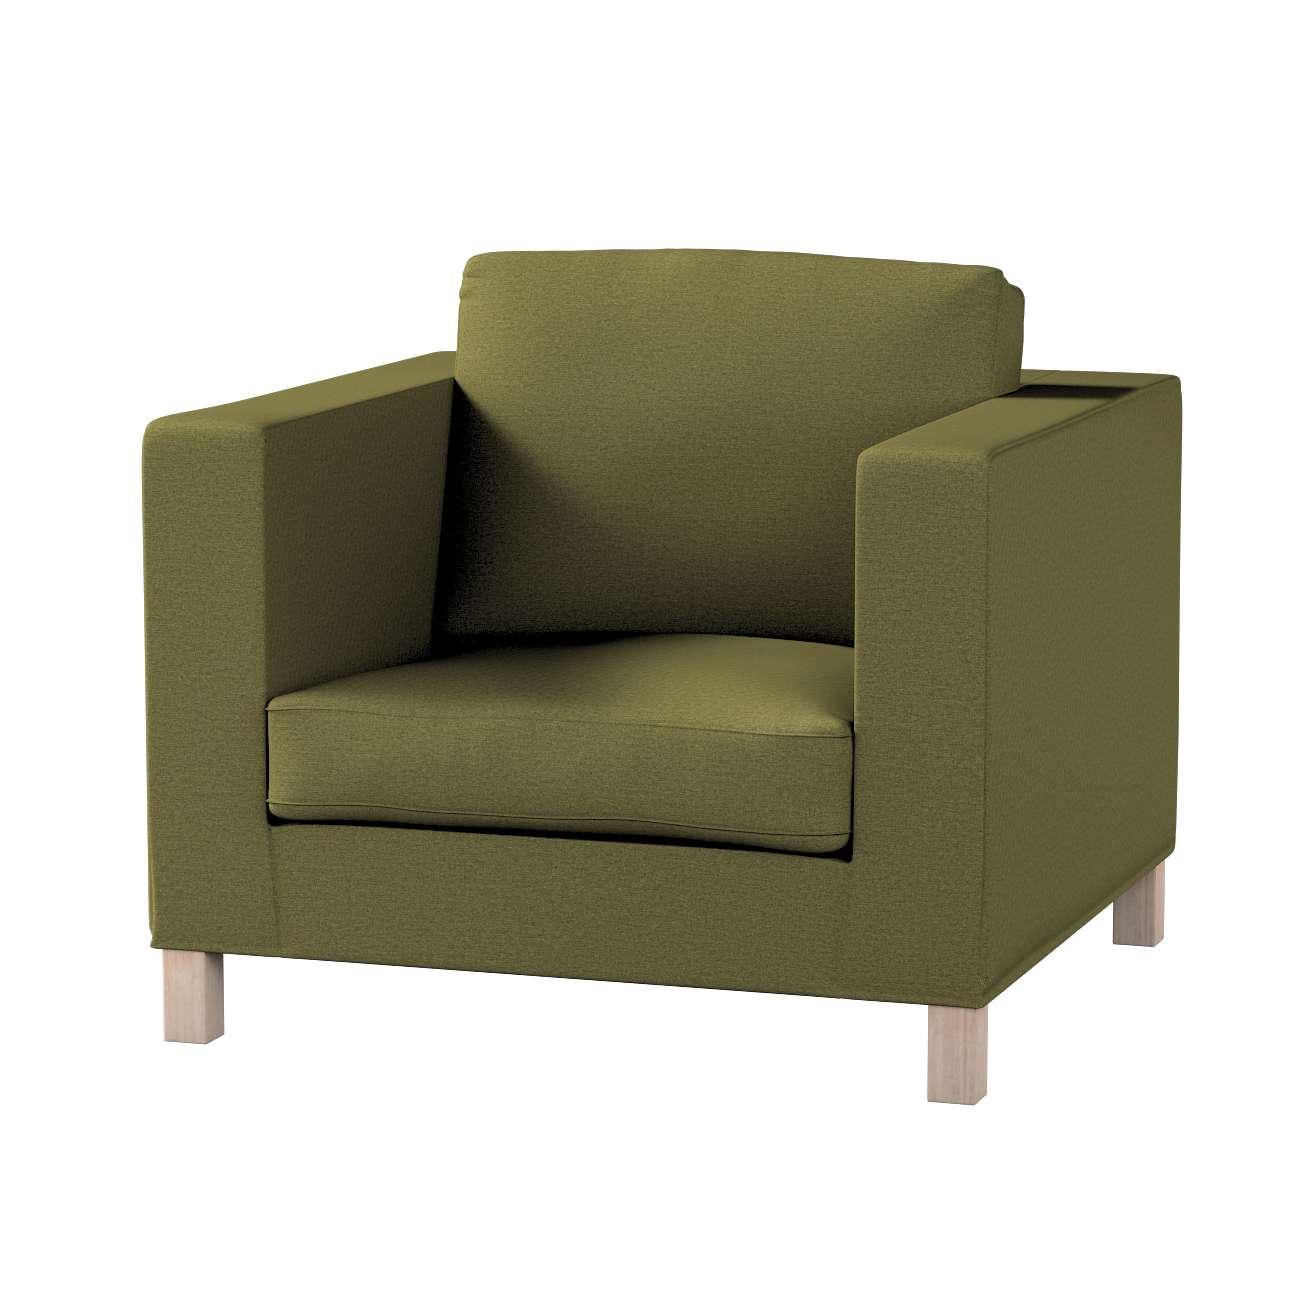 Karlanda päällinen nojatuoli, lyhyt mallistosta Etna - ei verhoihin, Kangas: 161-26